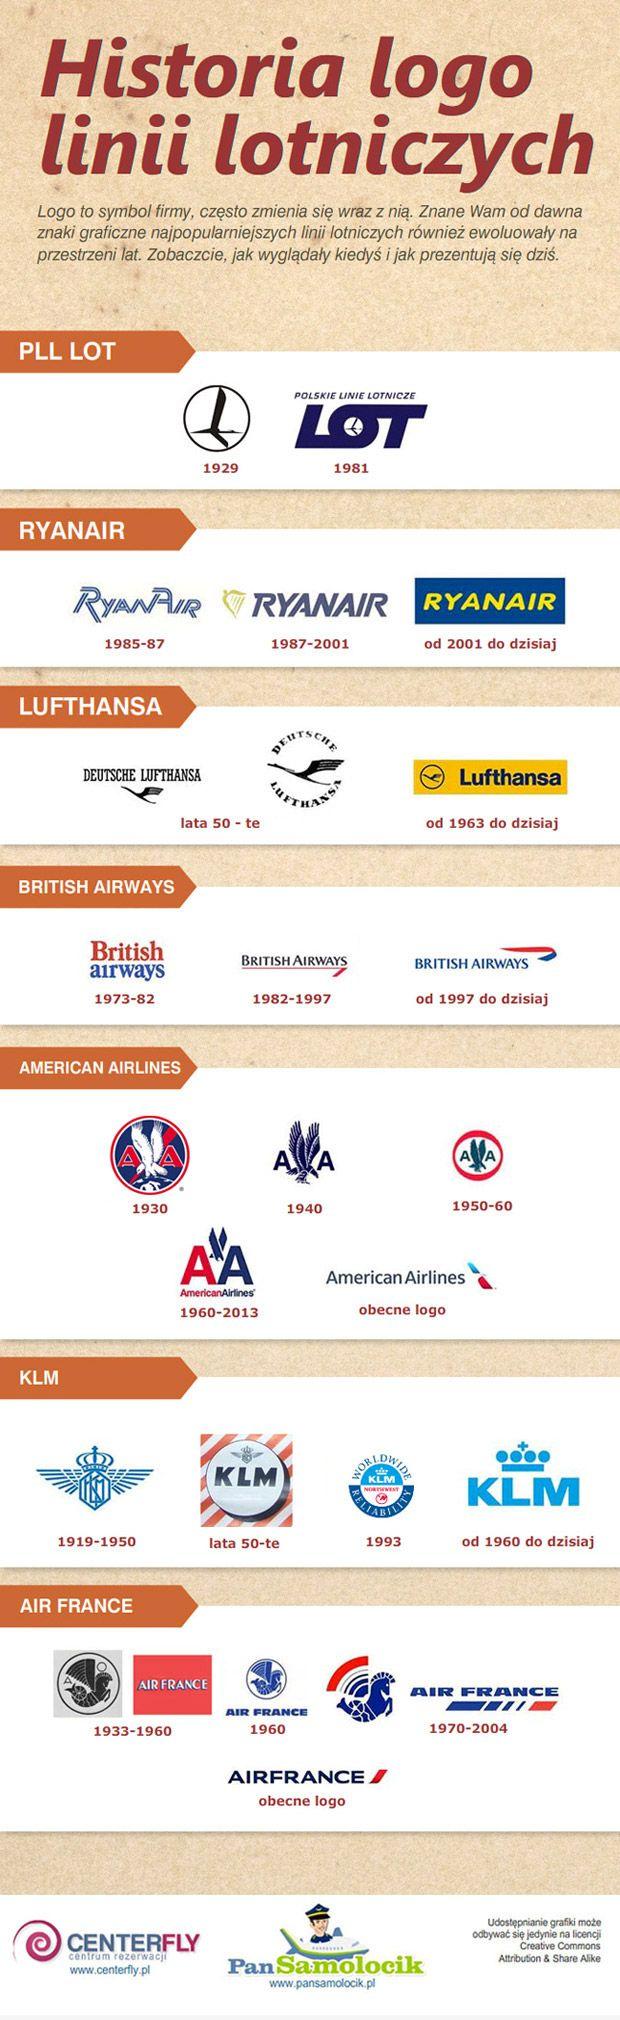 Historia logo linii lotniczych – Infografika  http://www.nlogo.pl/portfolio/historia-logo-linii-lotniczych-infografika